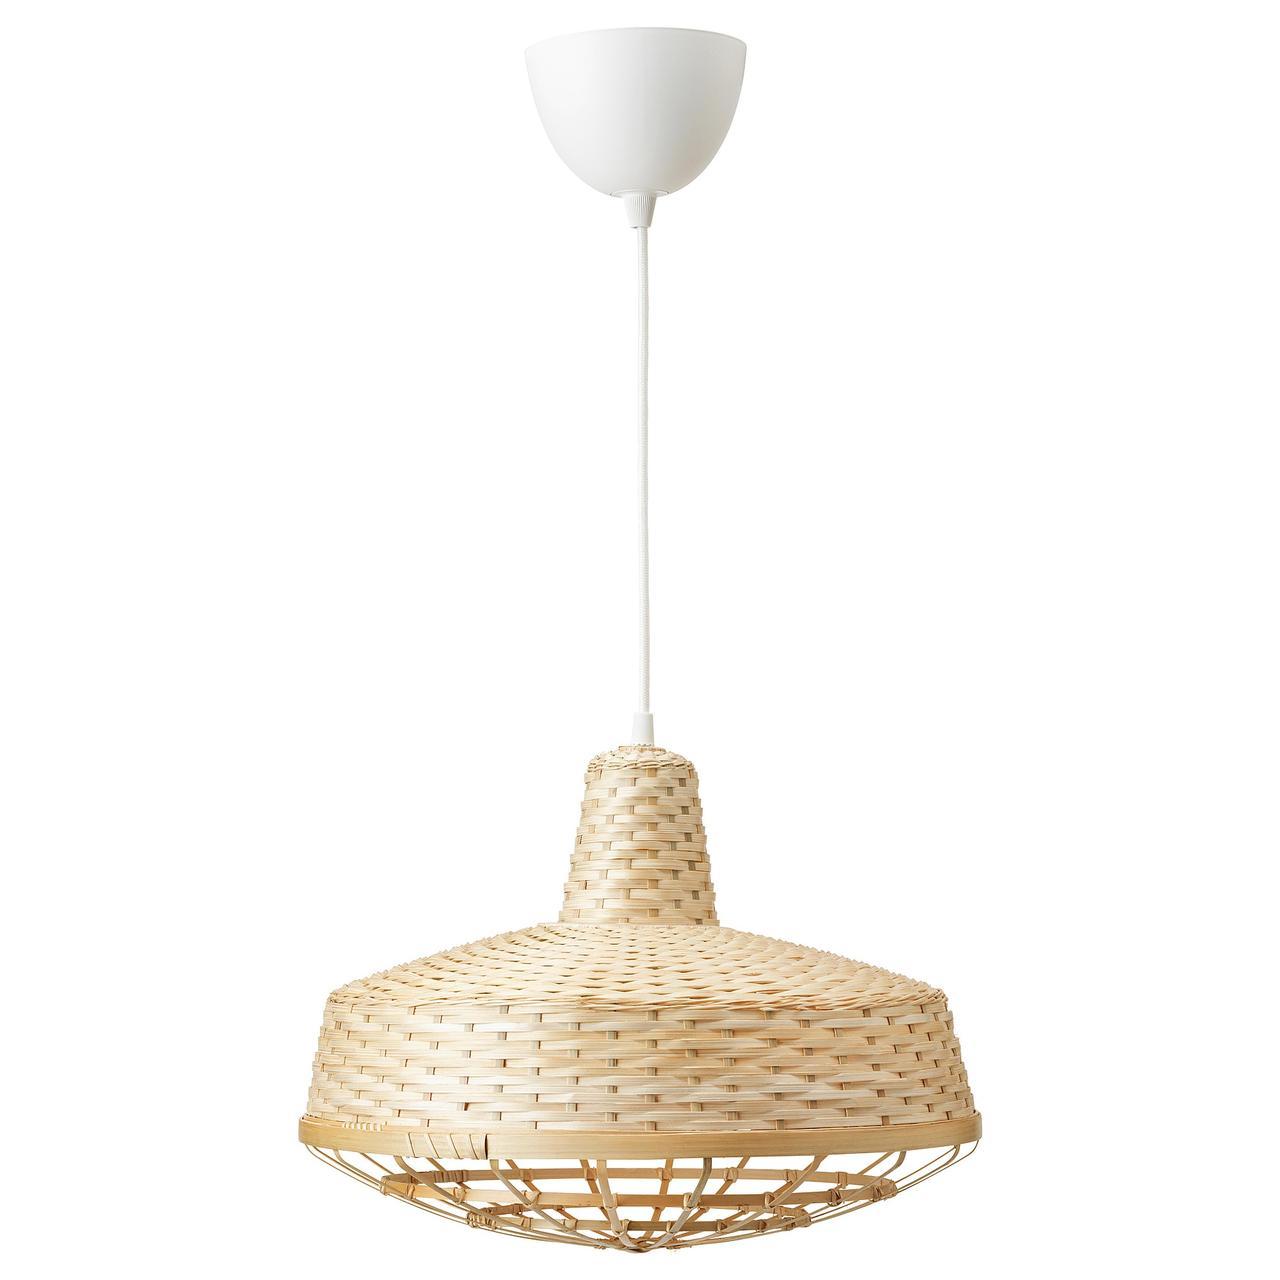 ИНДУСТРИЕЛЛ Подвесной светильник, бамбук